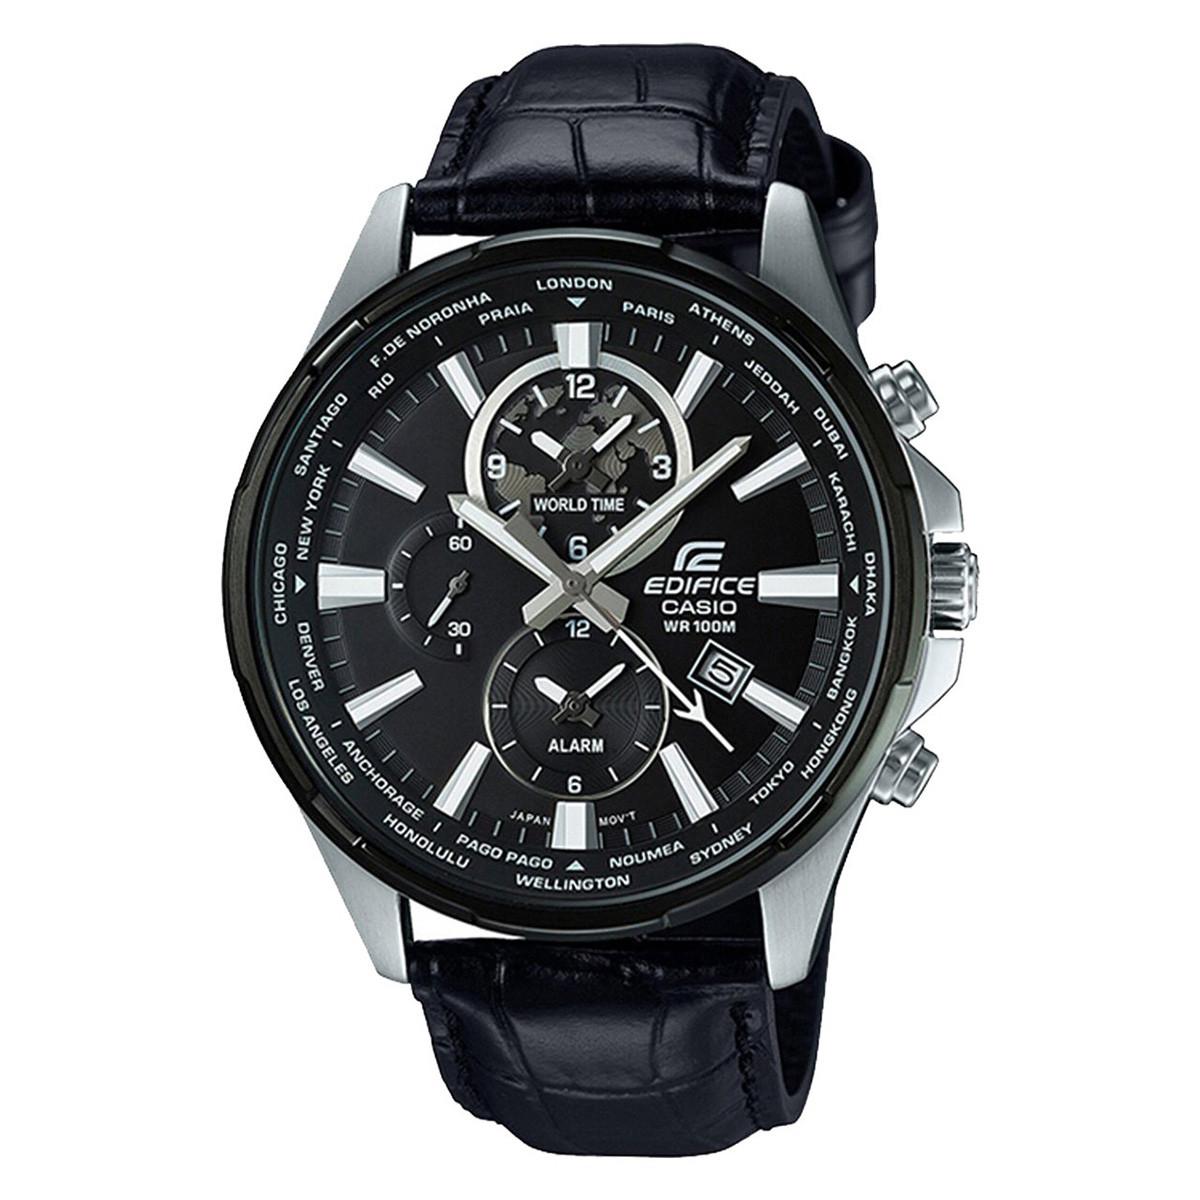 卡西欧【正品授权】卡西欧腕表EDIFICE系列时尚皮带石英男士手表EFR-304BL-1AVUPF-JX